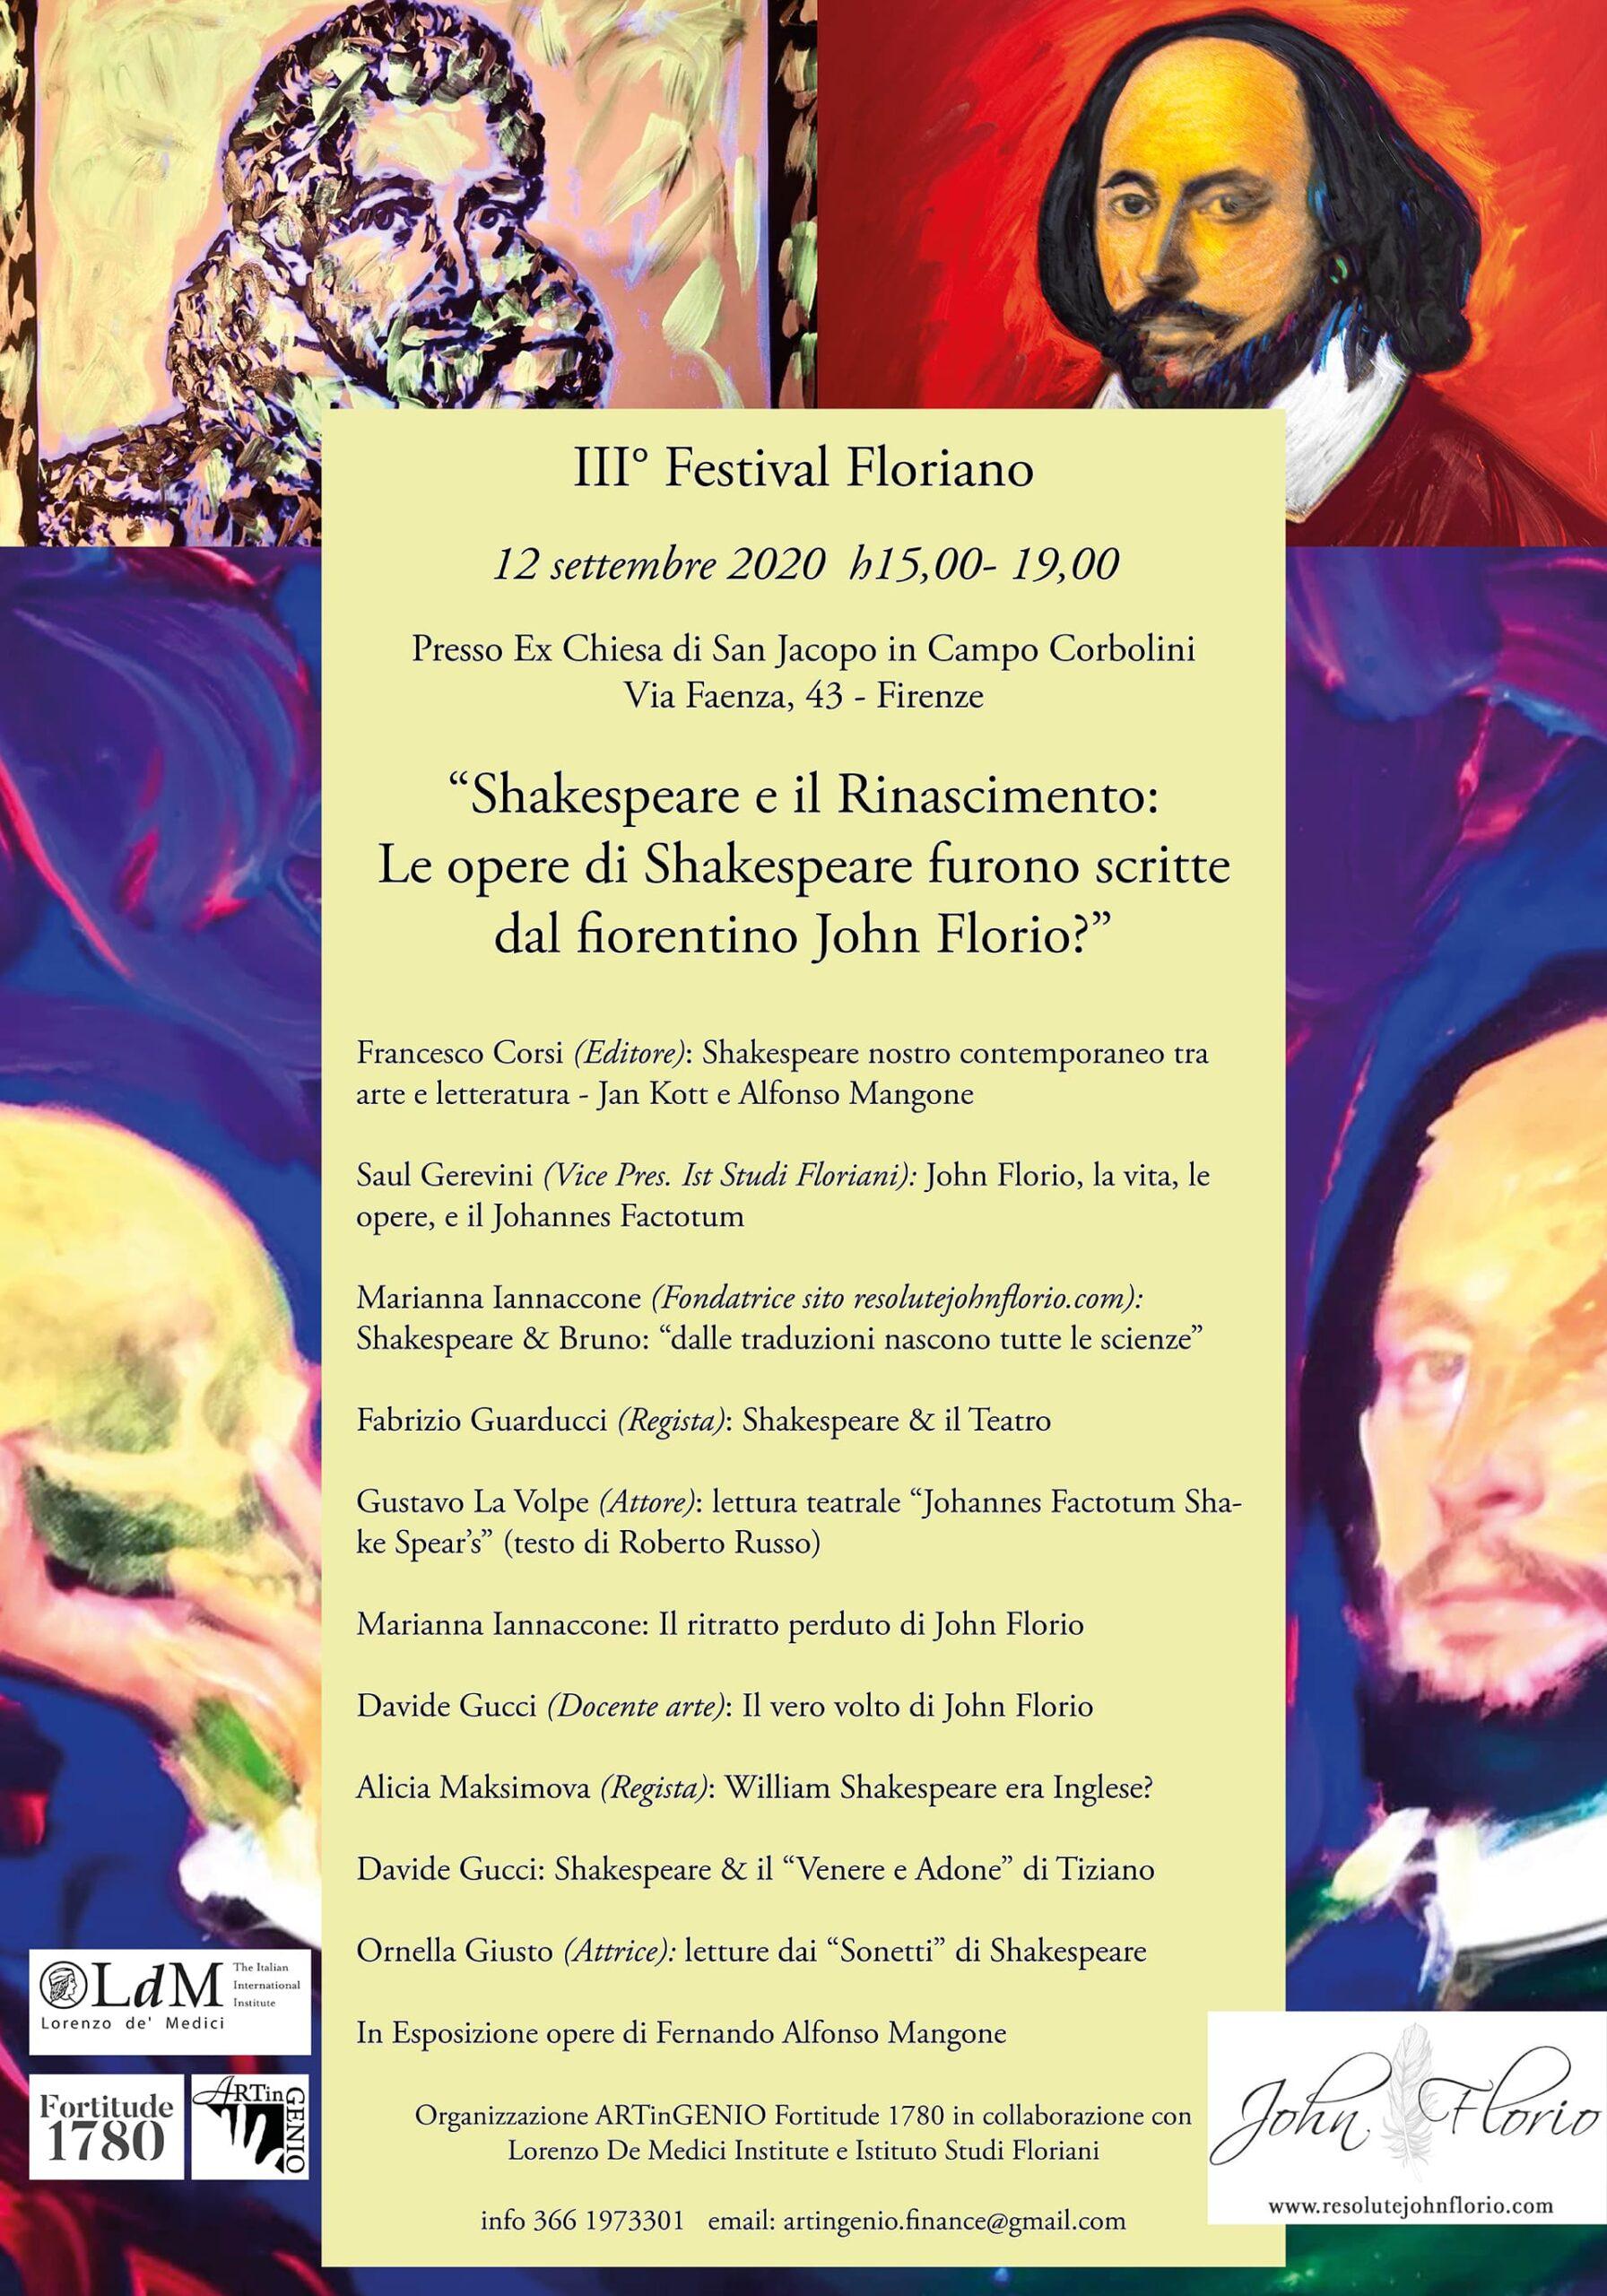 Shakespeare e il Rinascimento: Le opere di Shakespeare furono scritte dal fiorentino John Florio?